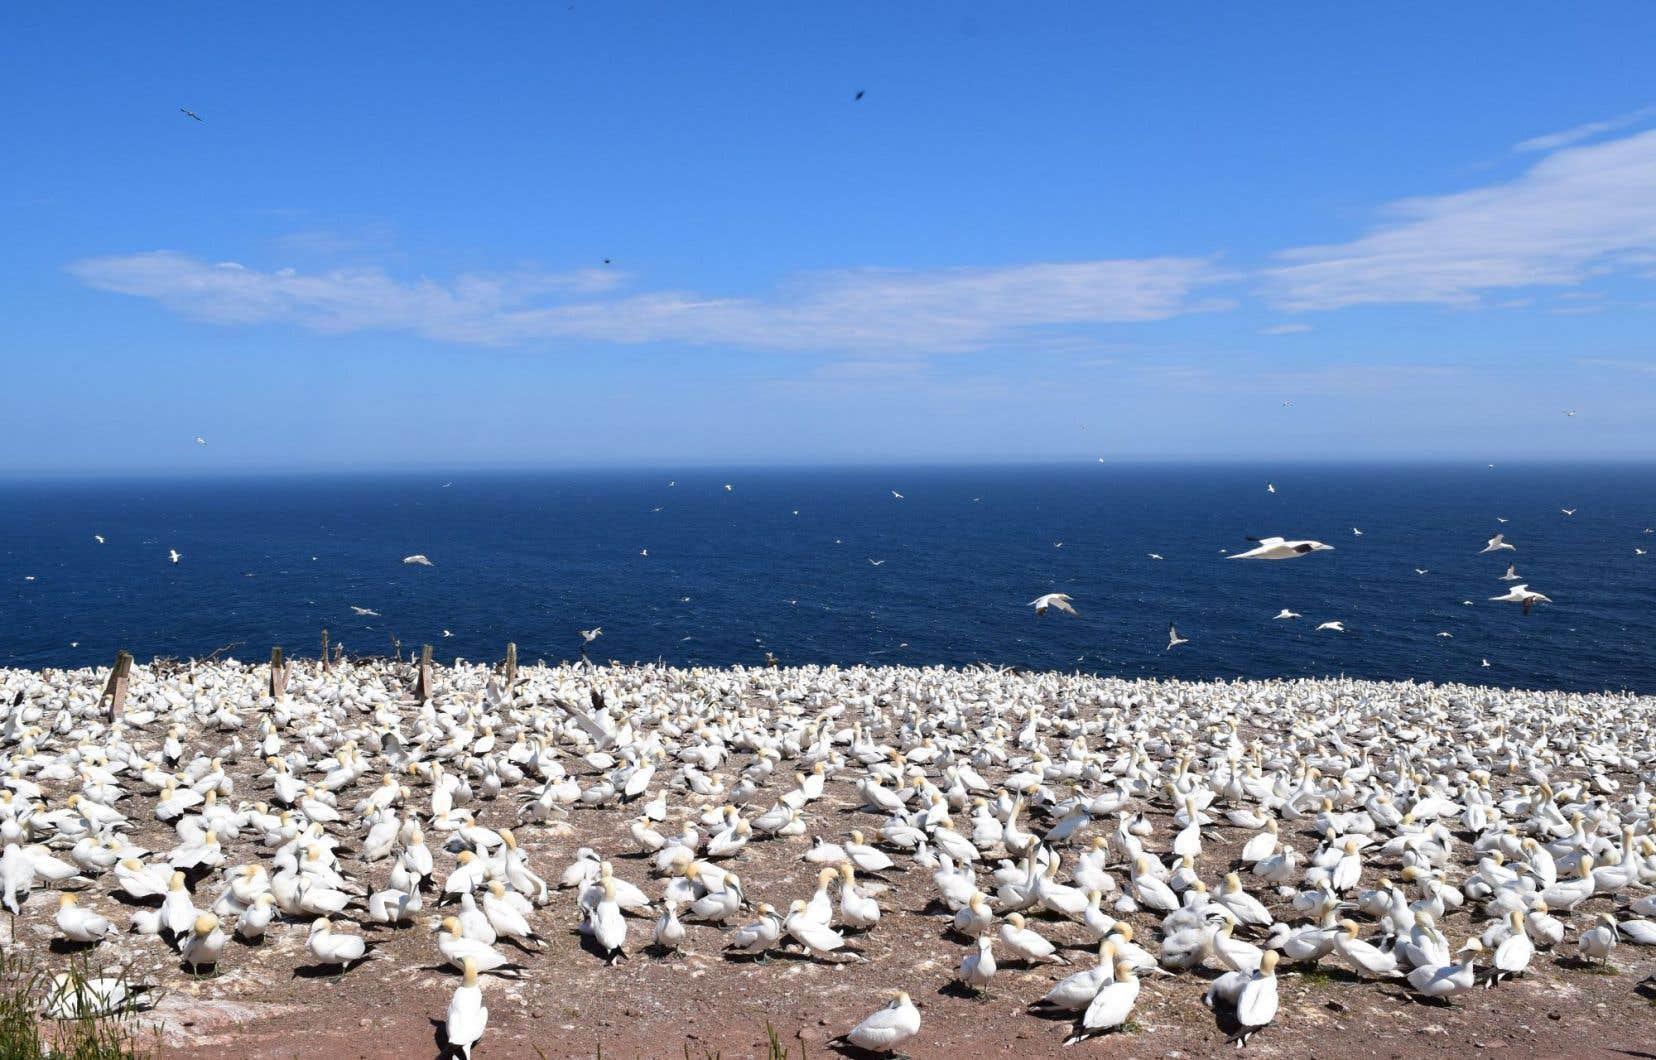 Le fédéral a identifié en 2011 un territoire de 1000 kilomètres carrés au large de l'île Bonaventure, en Gaspésie, en vue d'y créer une zone de protection marine. Le projet n'a pas encore vu le jour.